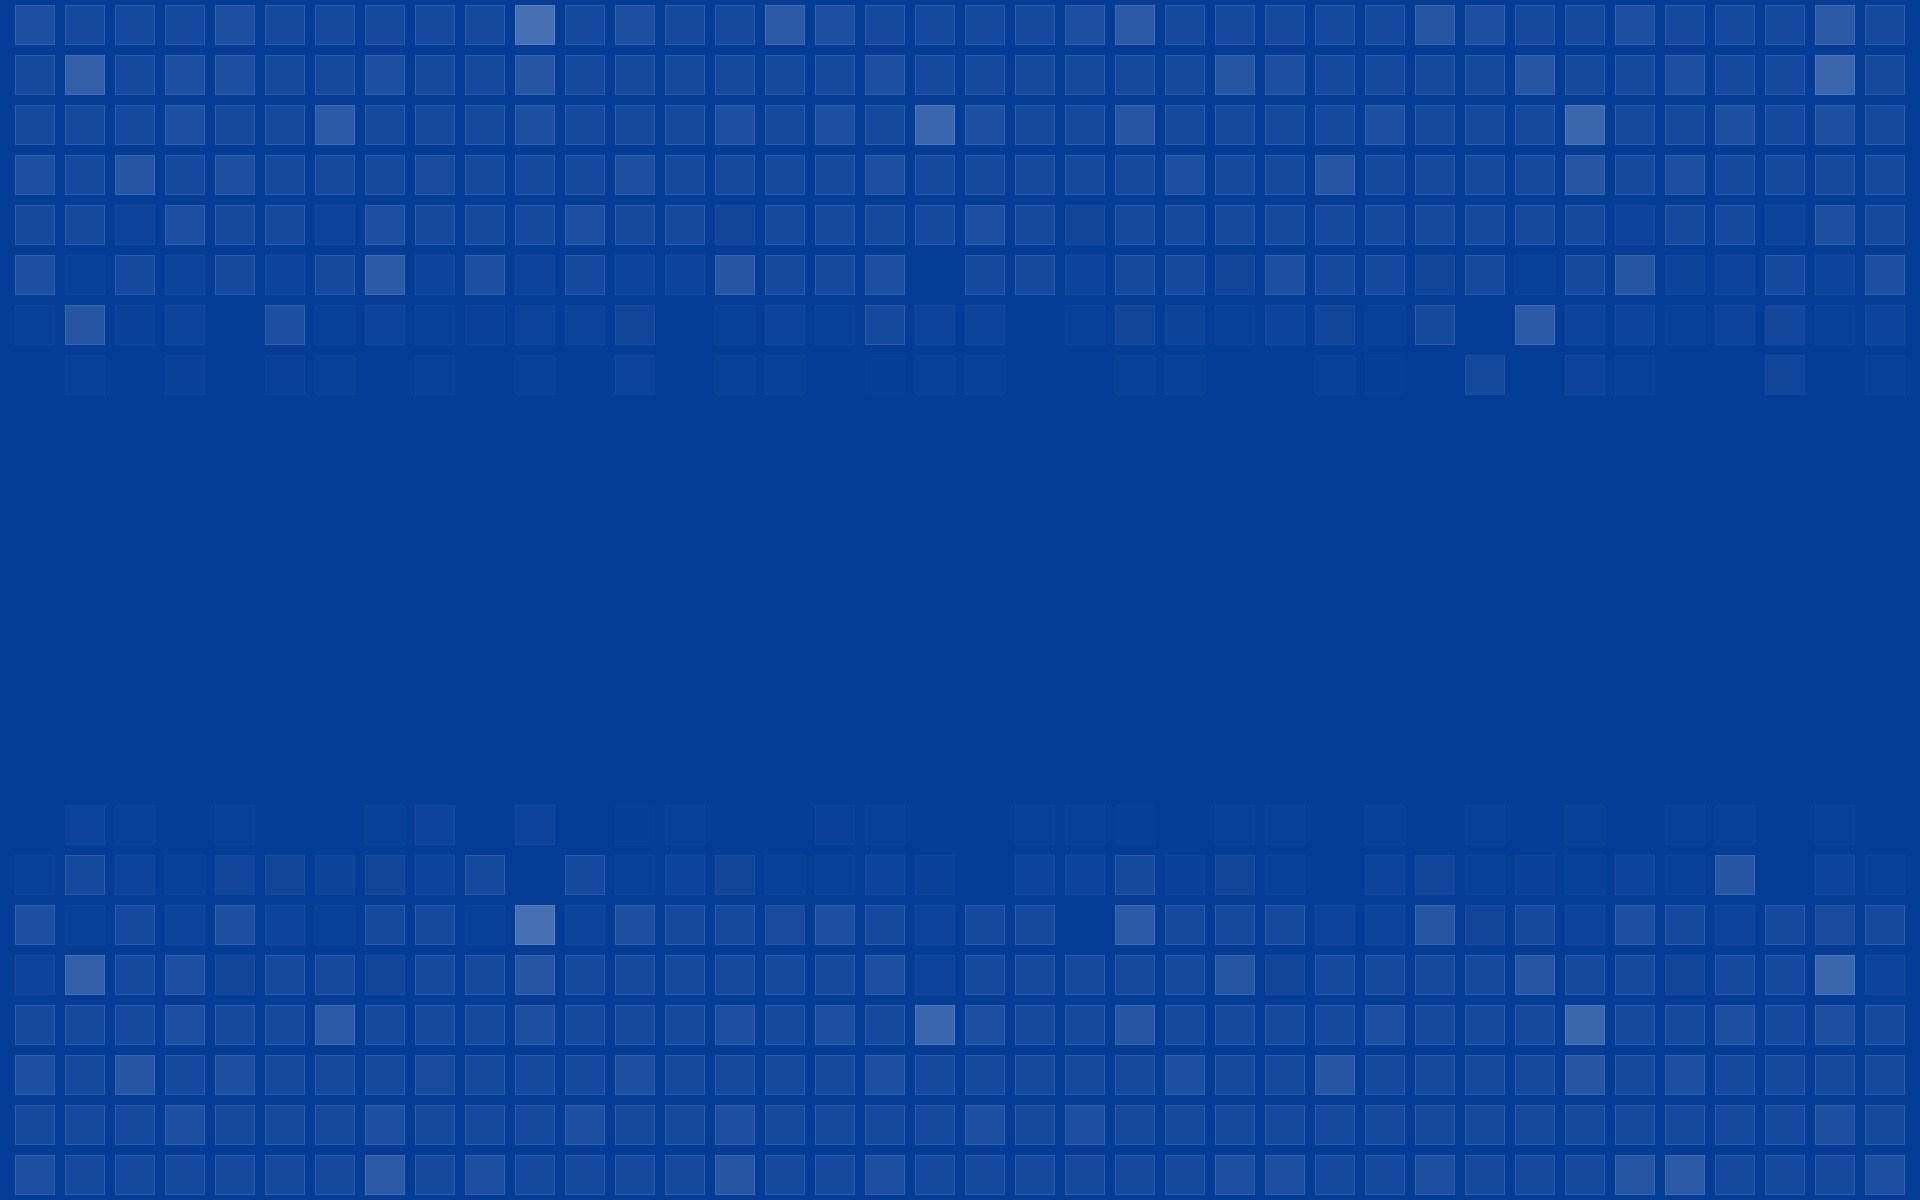 Cubes Point Blue Wallpaper [1920x1200]